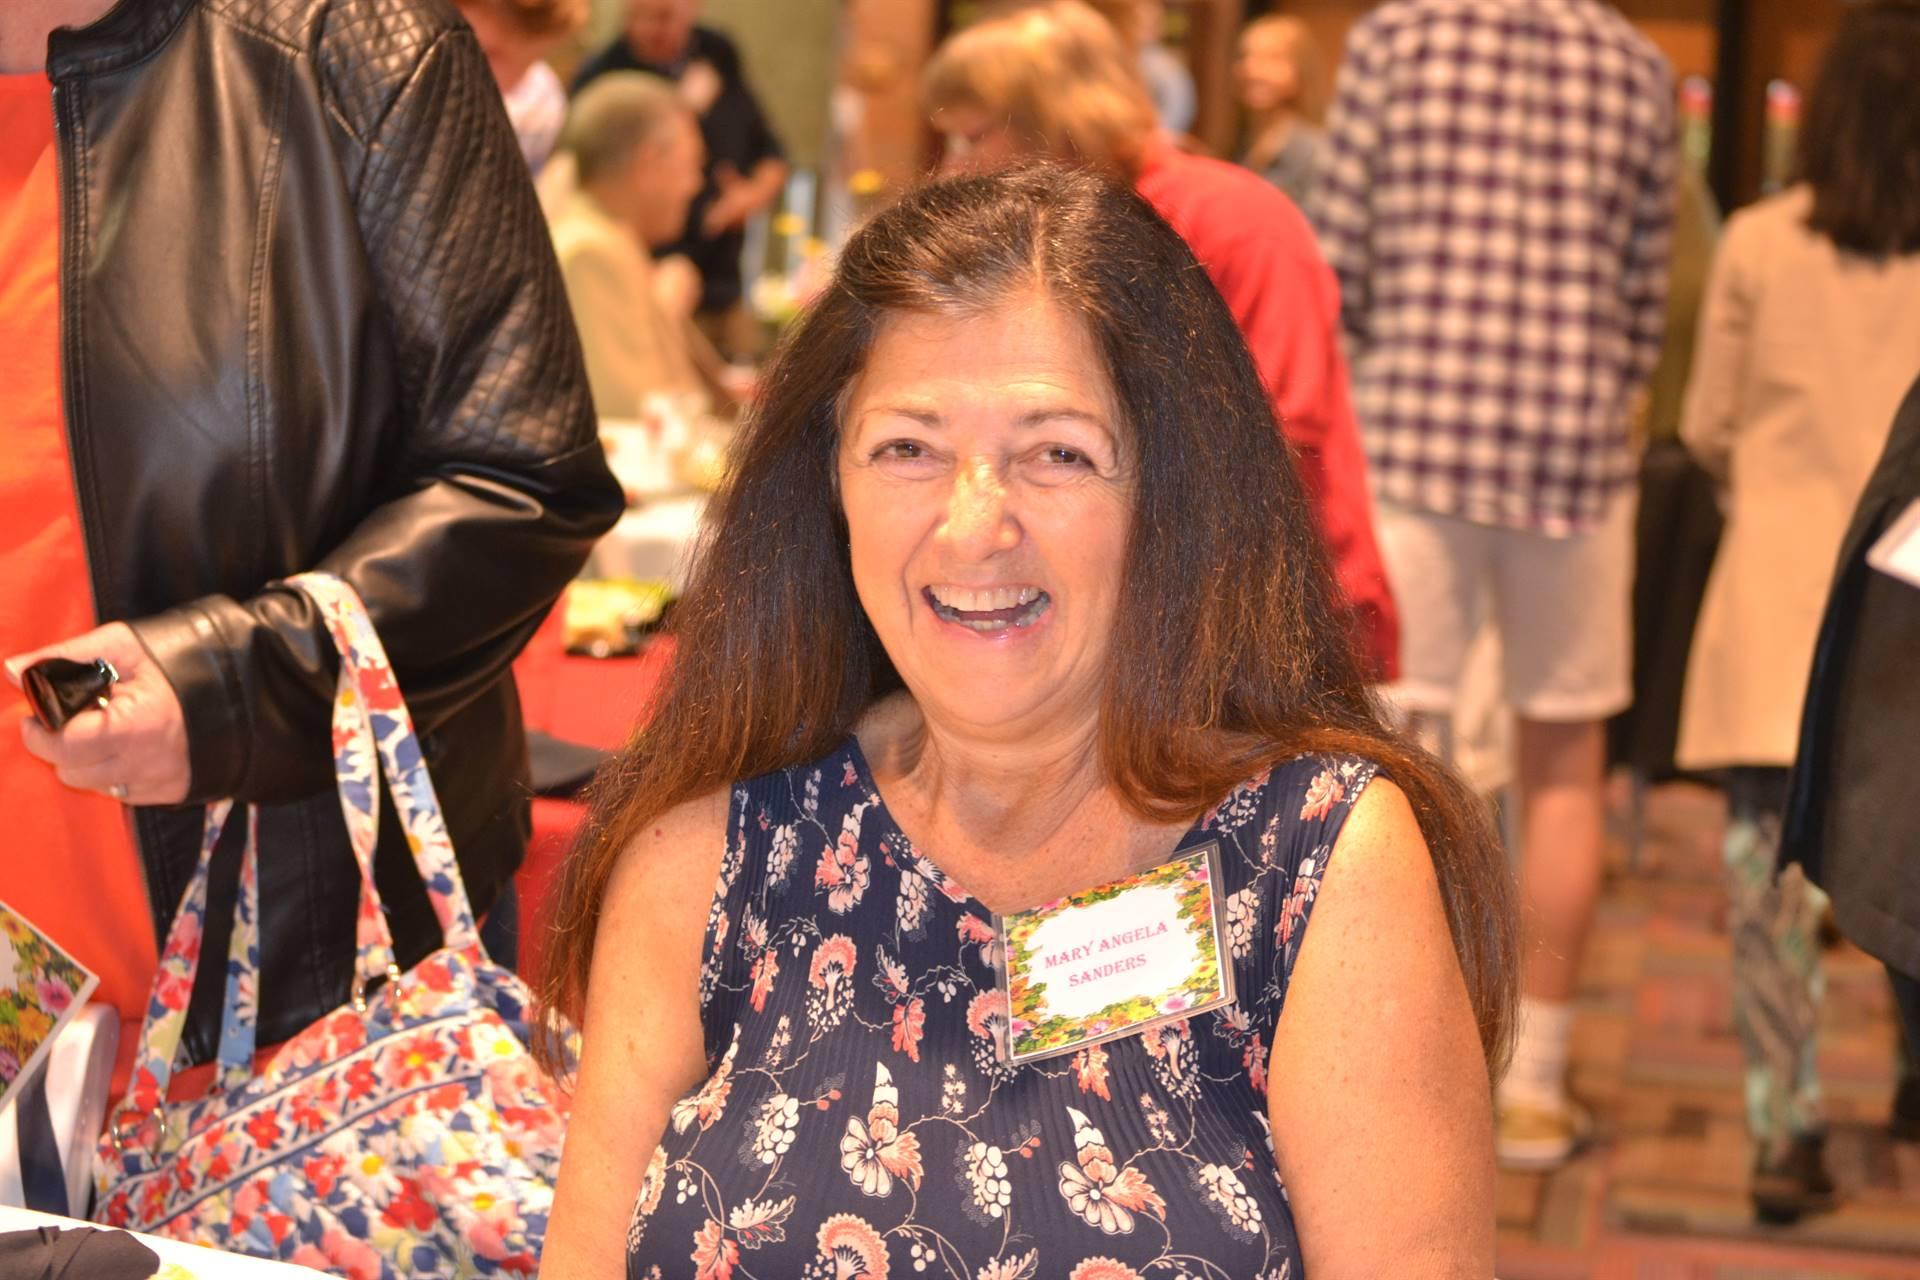 Mary Angela Sanders